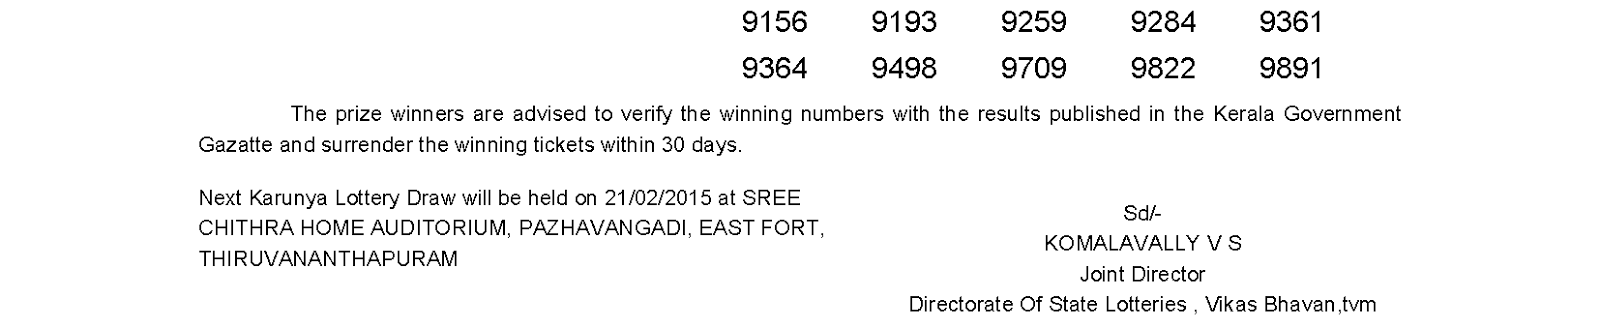 KARUNYA KR 177 Lottery Result 14-02-2015